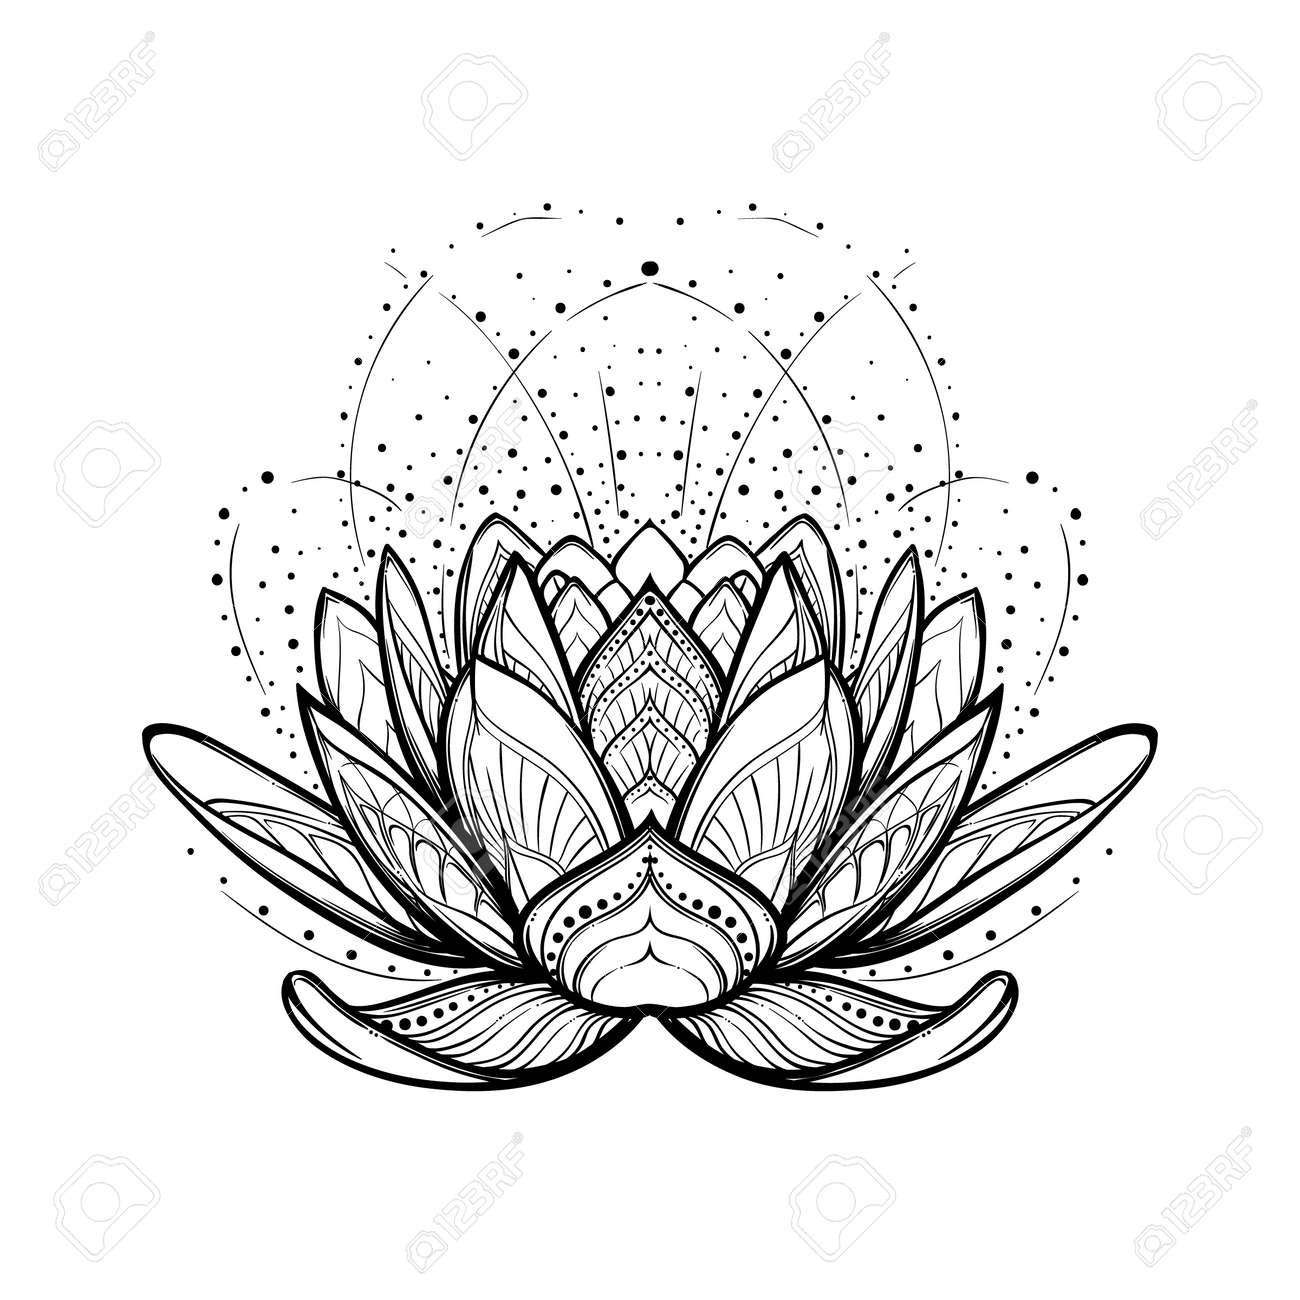 Fleur De Lotus Dessin Stylisé Linéaire Complexe Isolé Sur Fond